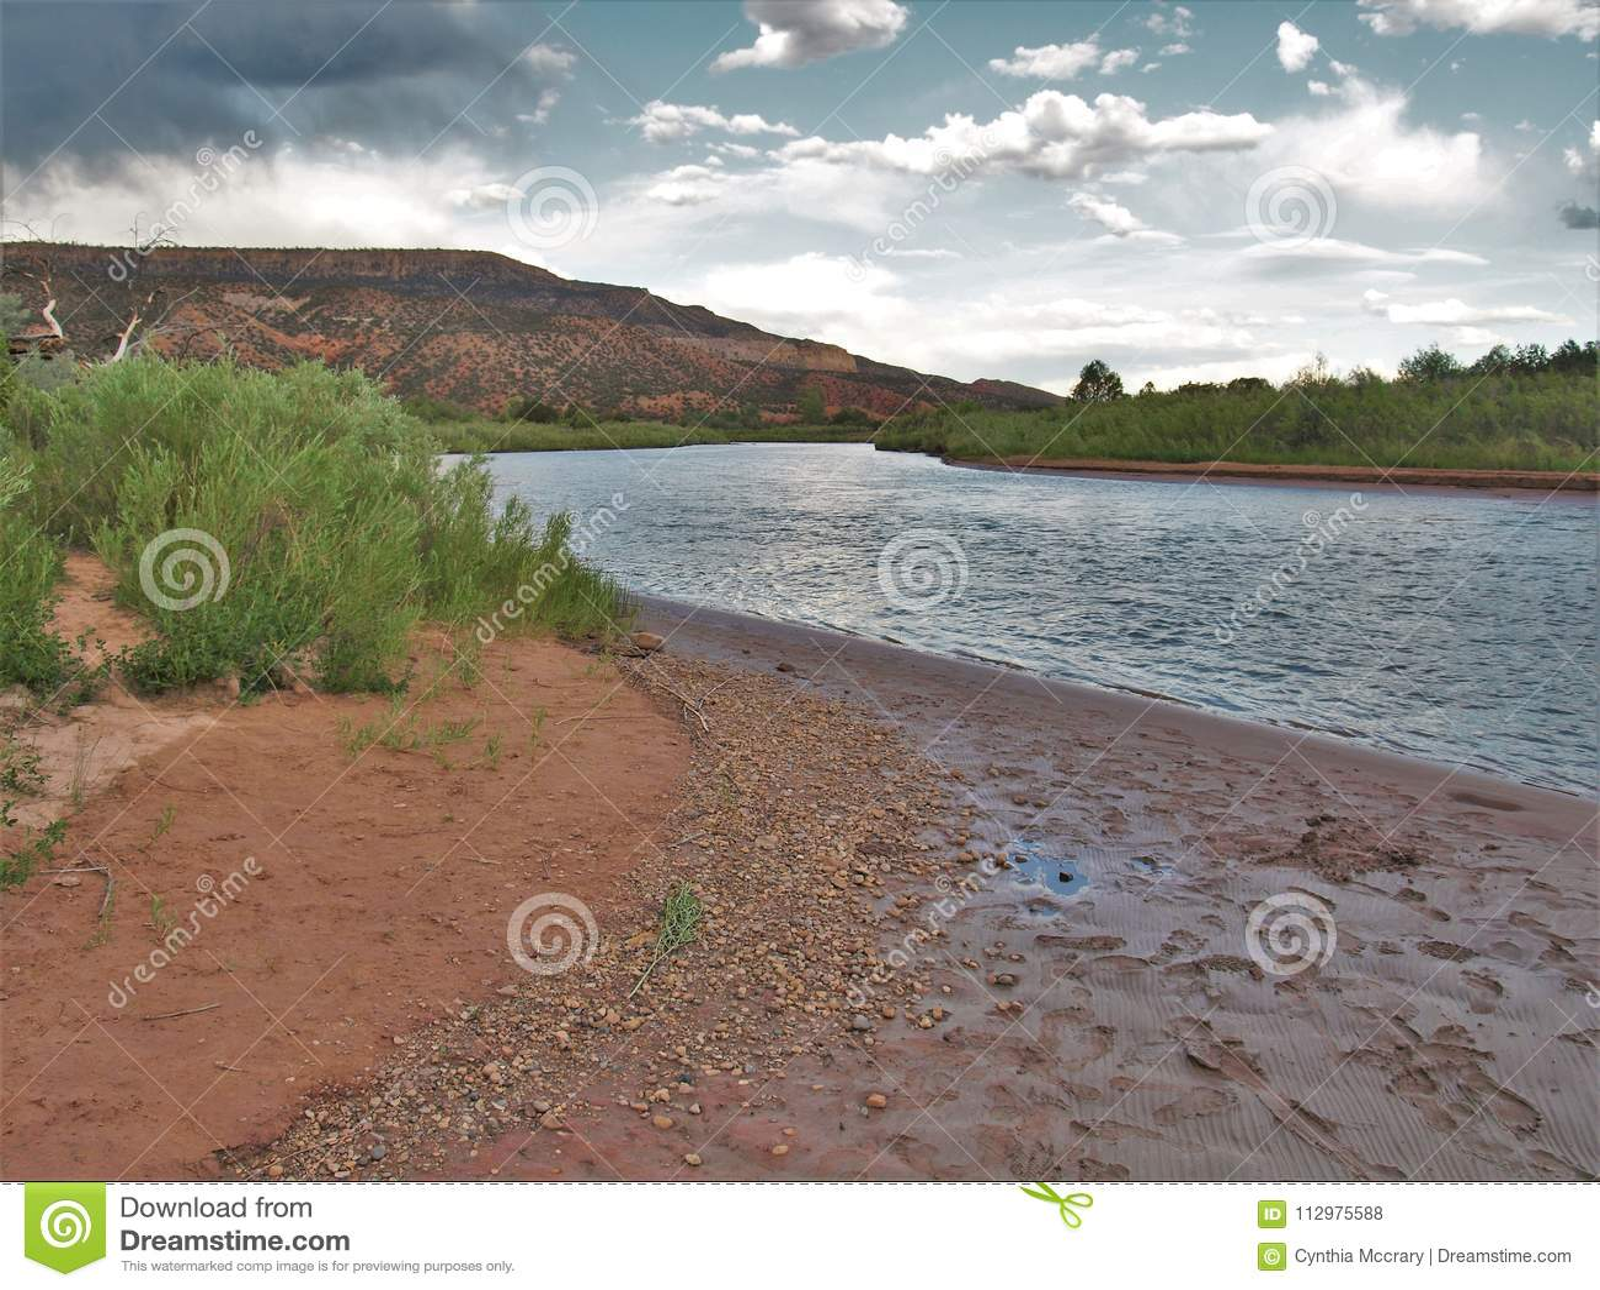 Rio Chama near Abiquiu, New Mexico